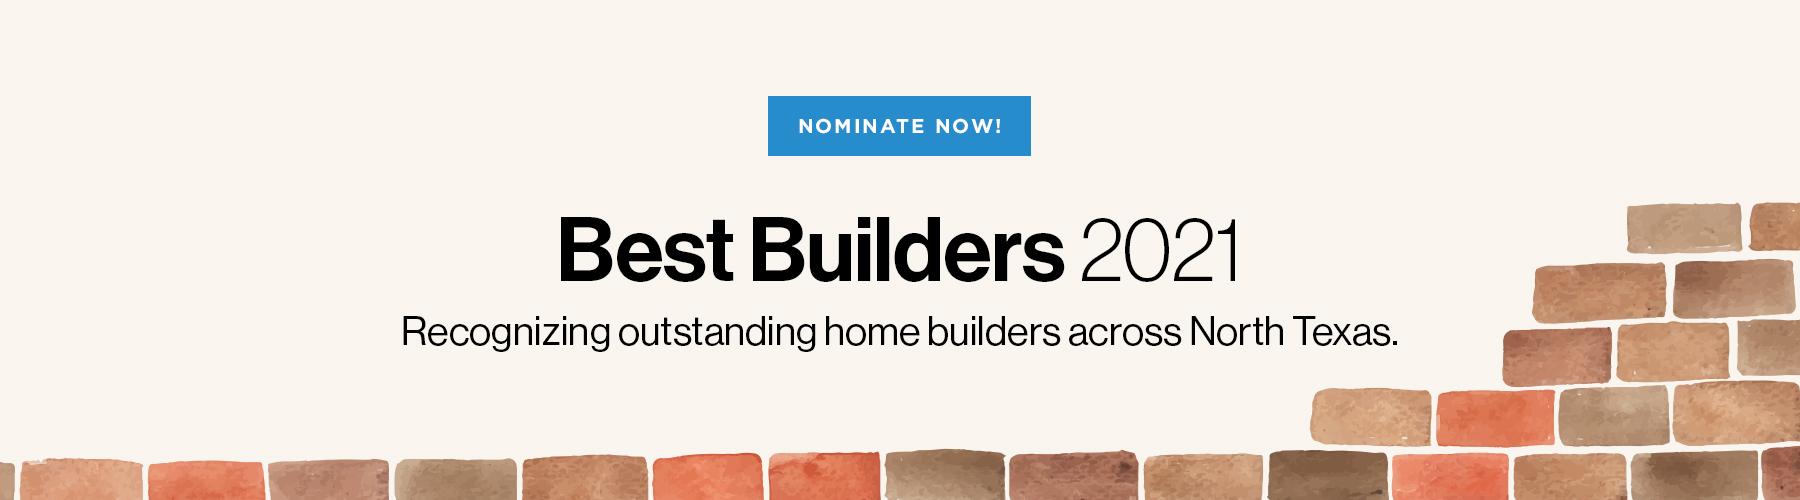 D Home Best Builders 2021